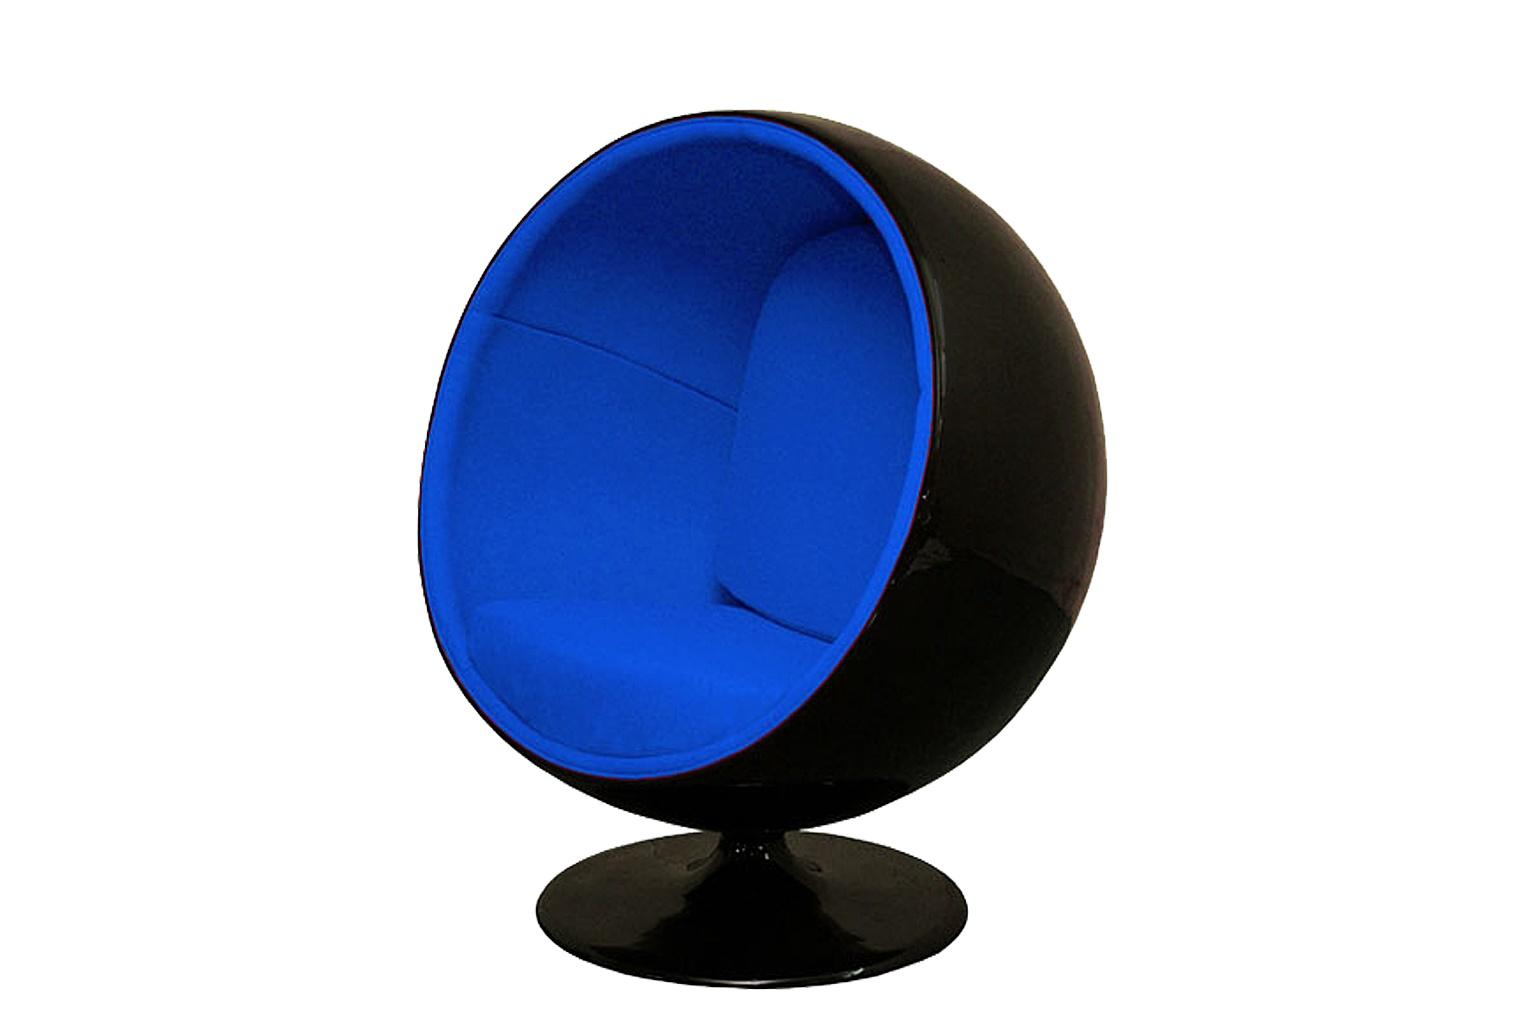 Кресло Eero Ball ChairИнтерьерные кресла<br>Взрослые тоже любят «домики», где можно укрыться от проблем и отлично отдохнуть! Шарообразное кресло на ножке &amp;quot;EERO BALL CHAIR&amp;quot;, созданное Ээро Аарнио еще в 1963 году, дарит полное ощущение релакса благодаря своему продуманному дизайну и эргономичности. Глубокий синий цвет шерстяной обивки дополнительно настраивает сознание на отдых и расслабление. Нужно выбирать увлекательные книги для чтения – иначе слишком велик риск безмятежно задремать!<br><br>Материал: Пластик, шерсть<br>Цвет: черный, синий<br><br>Material: Пластик<br>Length см: 103<br>Width см: 83<br>Height см: 120